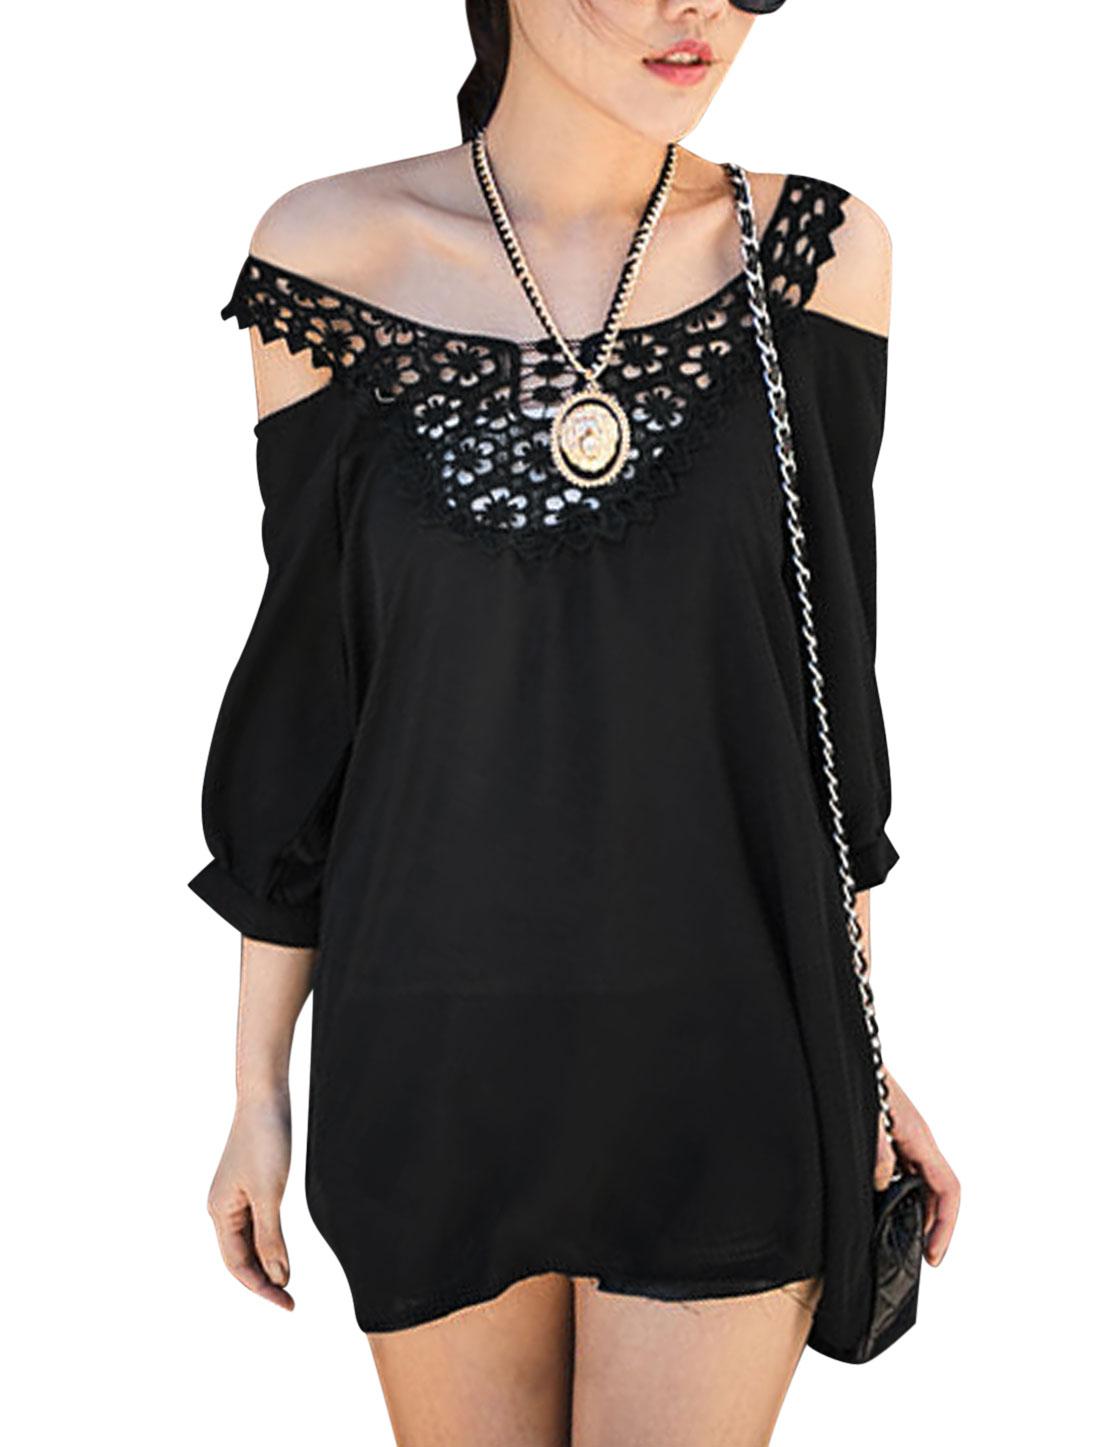 Lady Shoulder Strap Crochet Panel Cut Out Shoulder Tunic Top Black XS